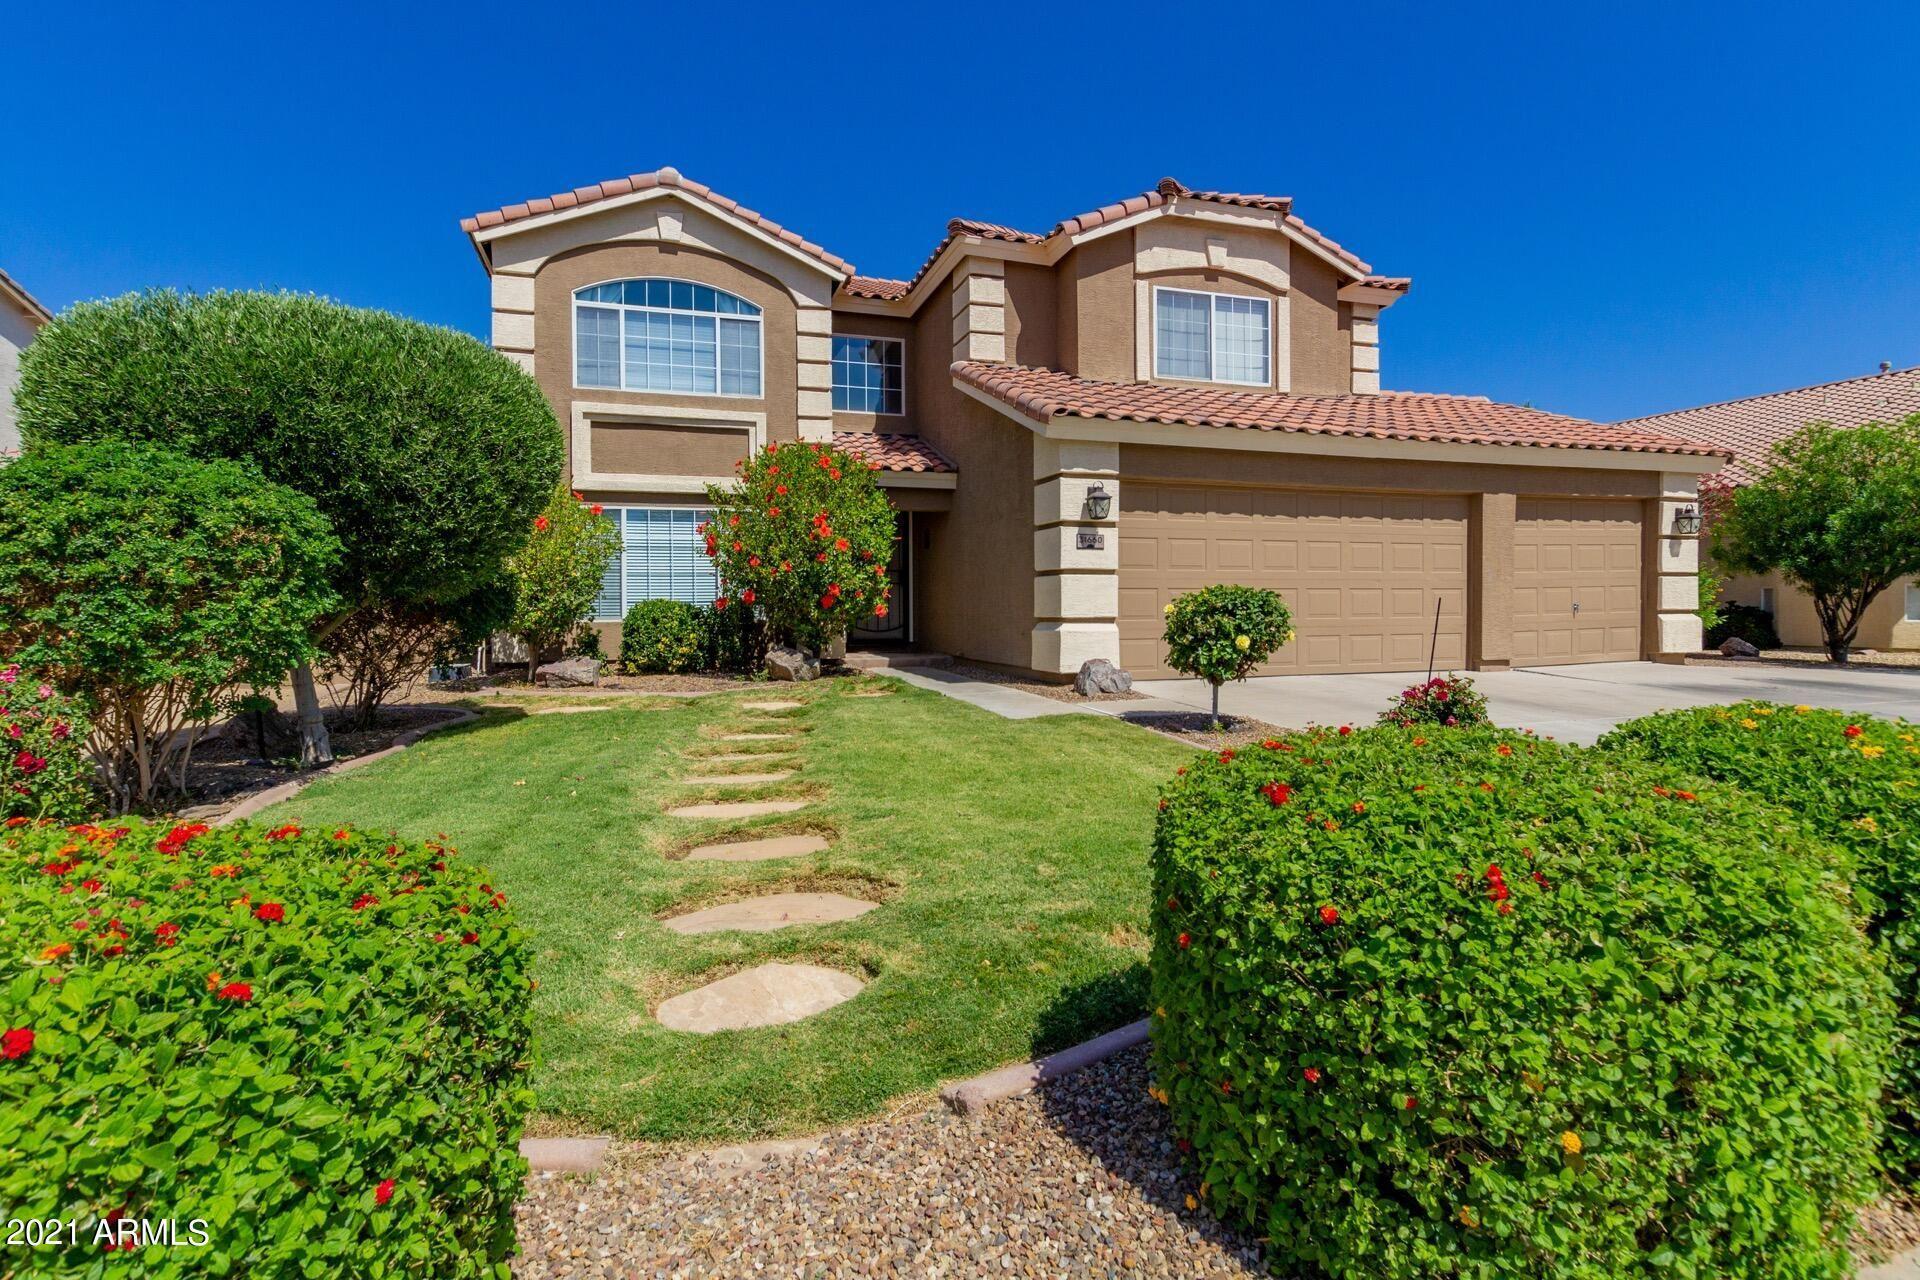 31660 N ROYAL OAK Way, San Tan Valley, AZ 85143 - MLS#: 6235939